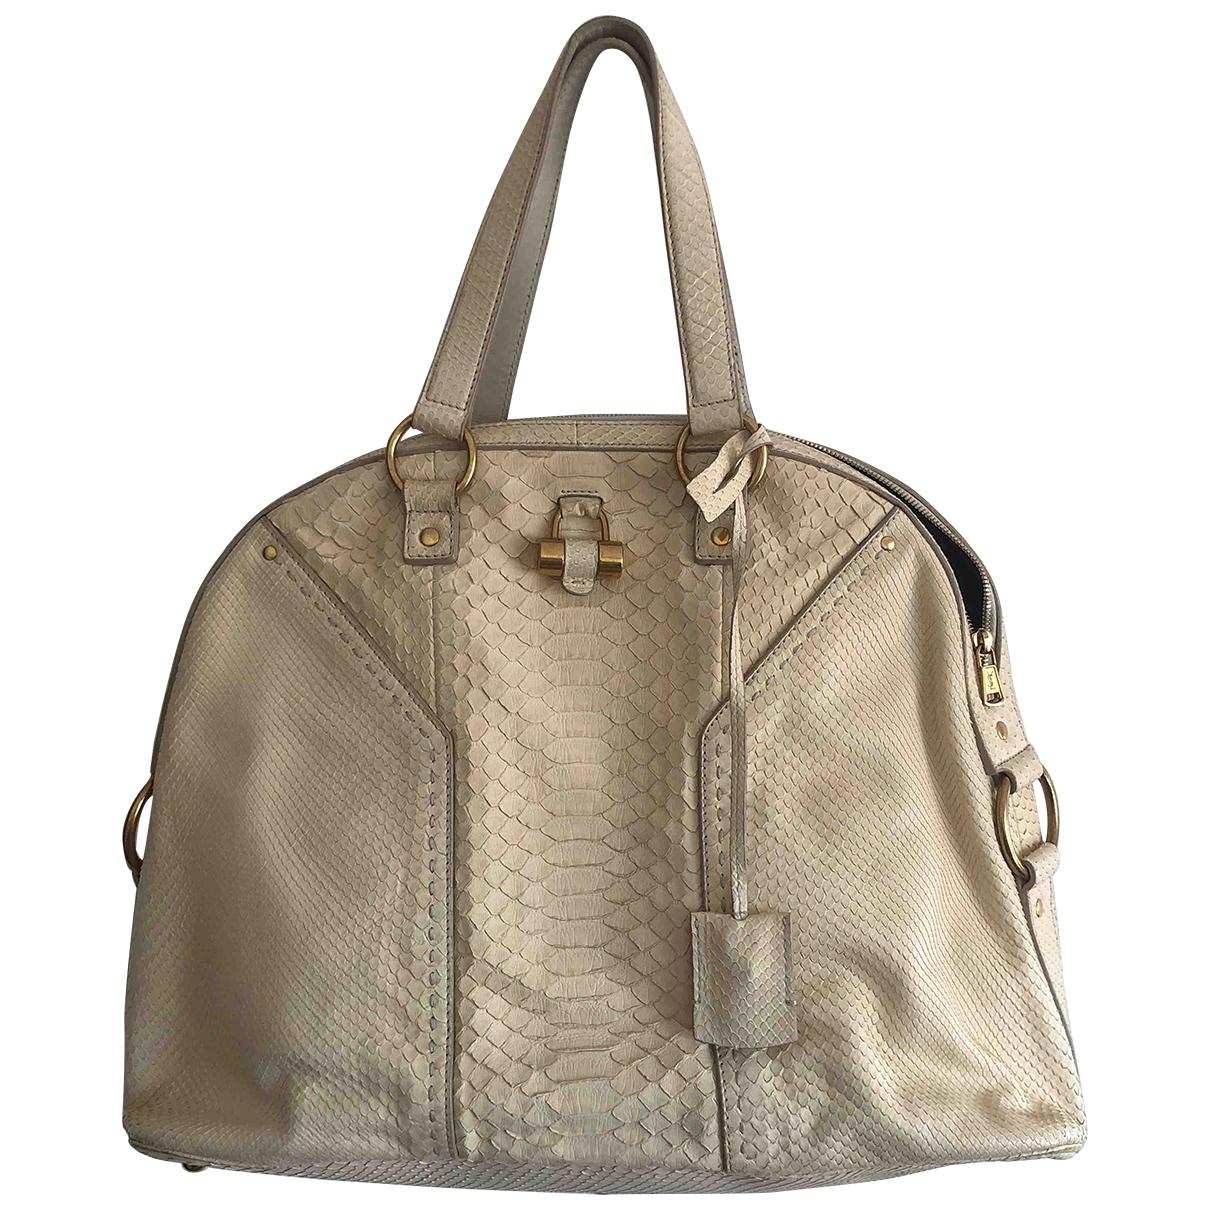 Yves Saint Laurent Muse Beige Python handbag for Women \N